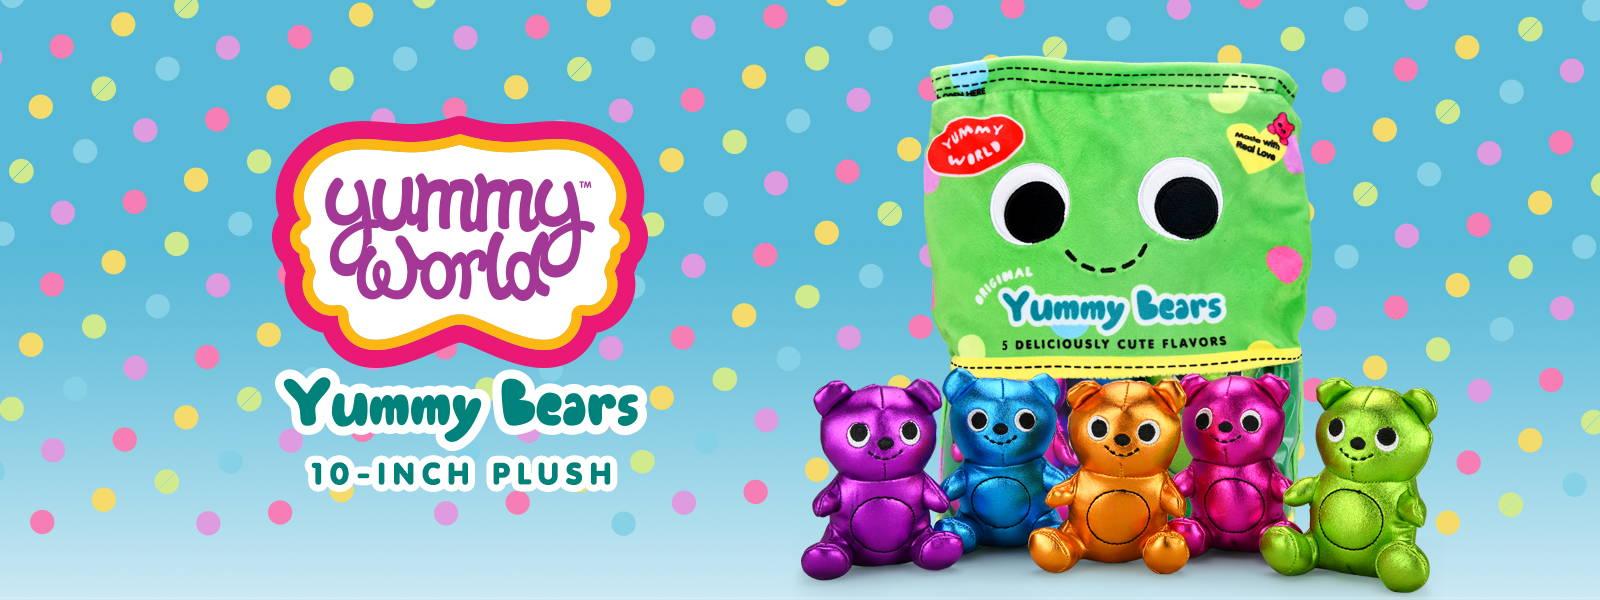 Yummy World Yummy Bears Interactive Plush Toy by Kidrobot